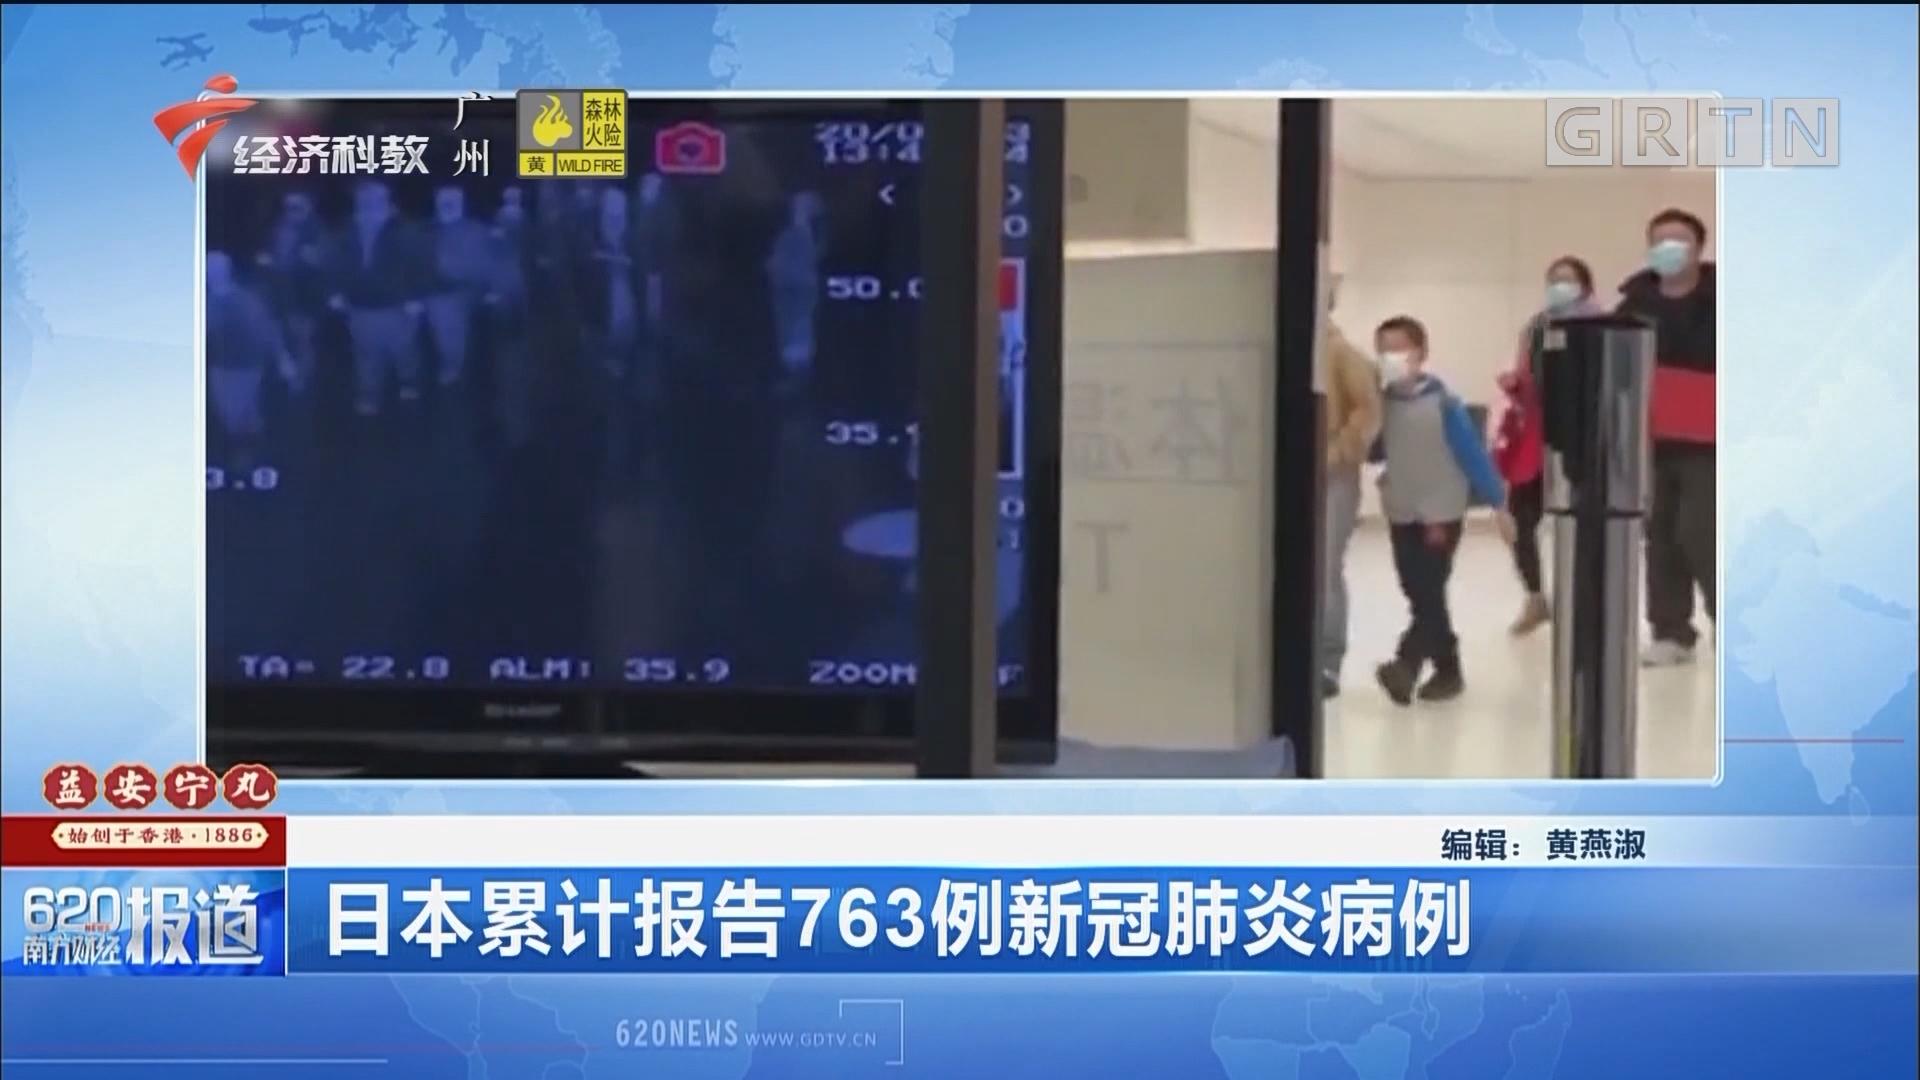 日本累计报告763例新冠肺炎病例